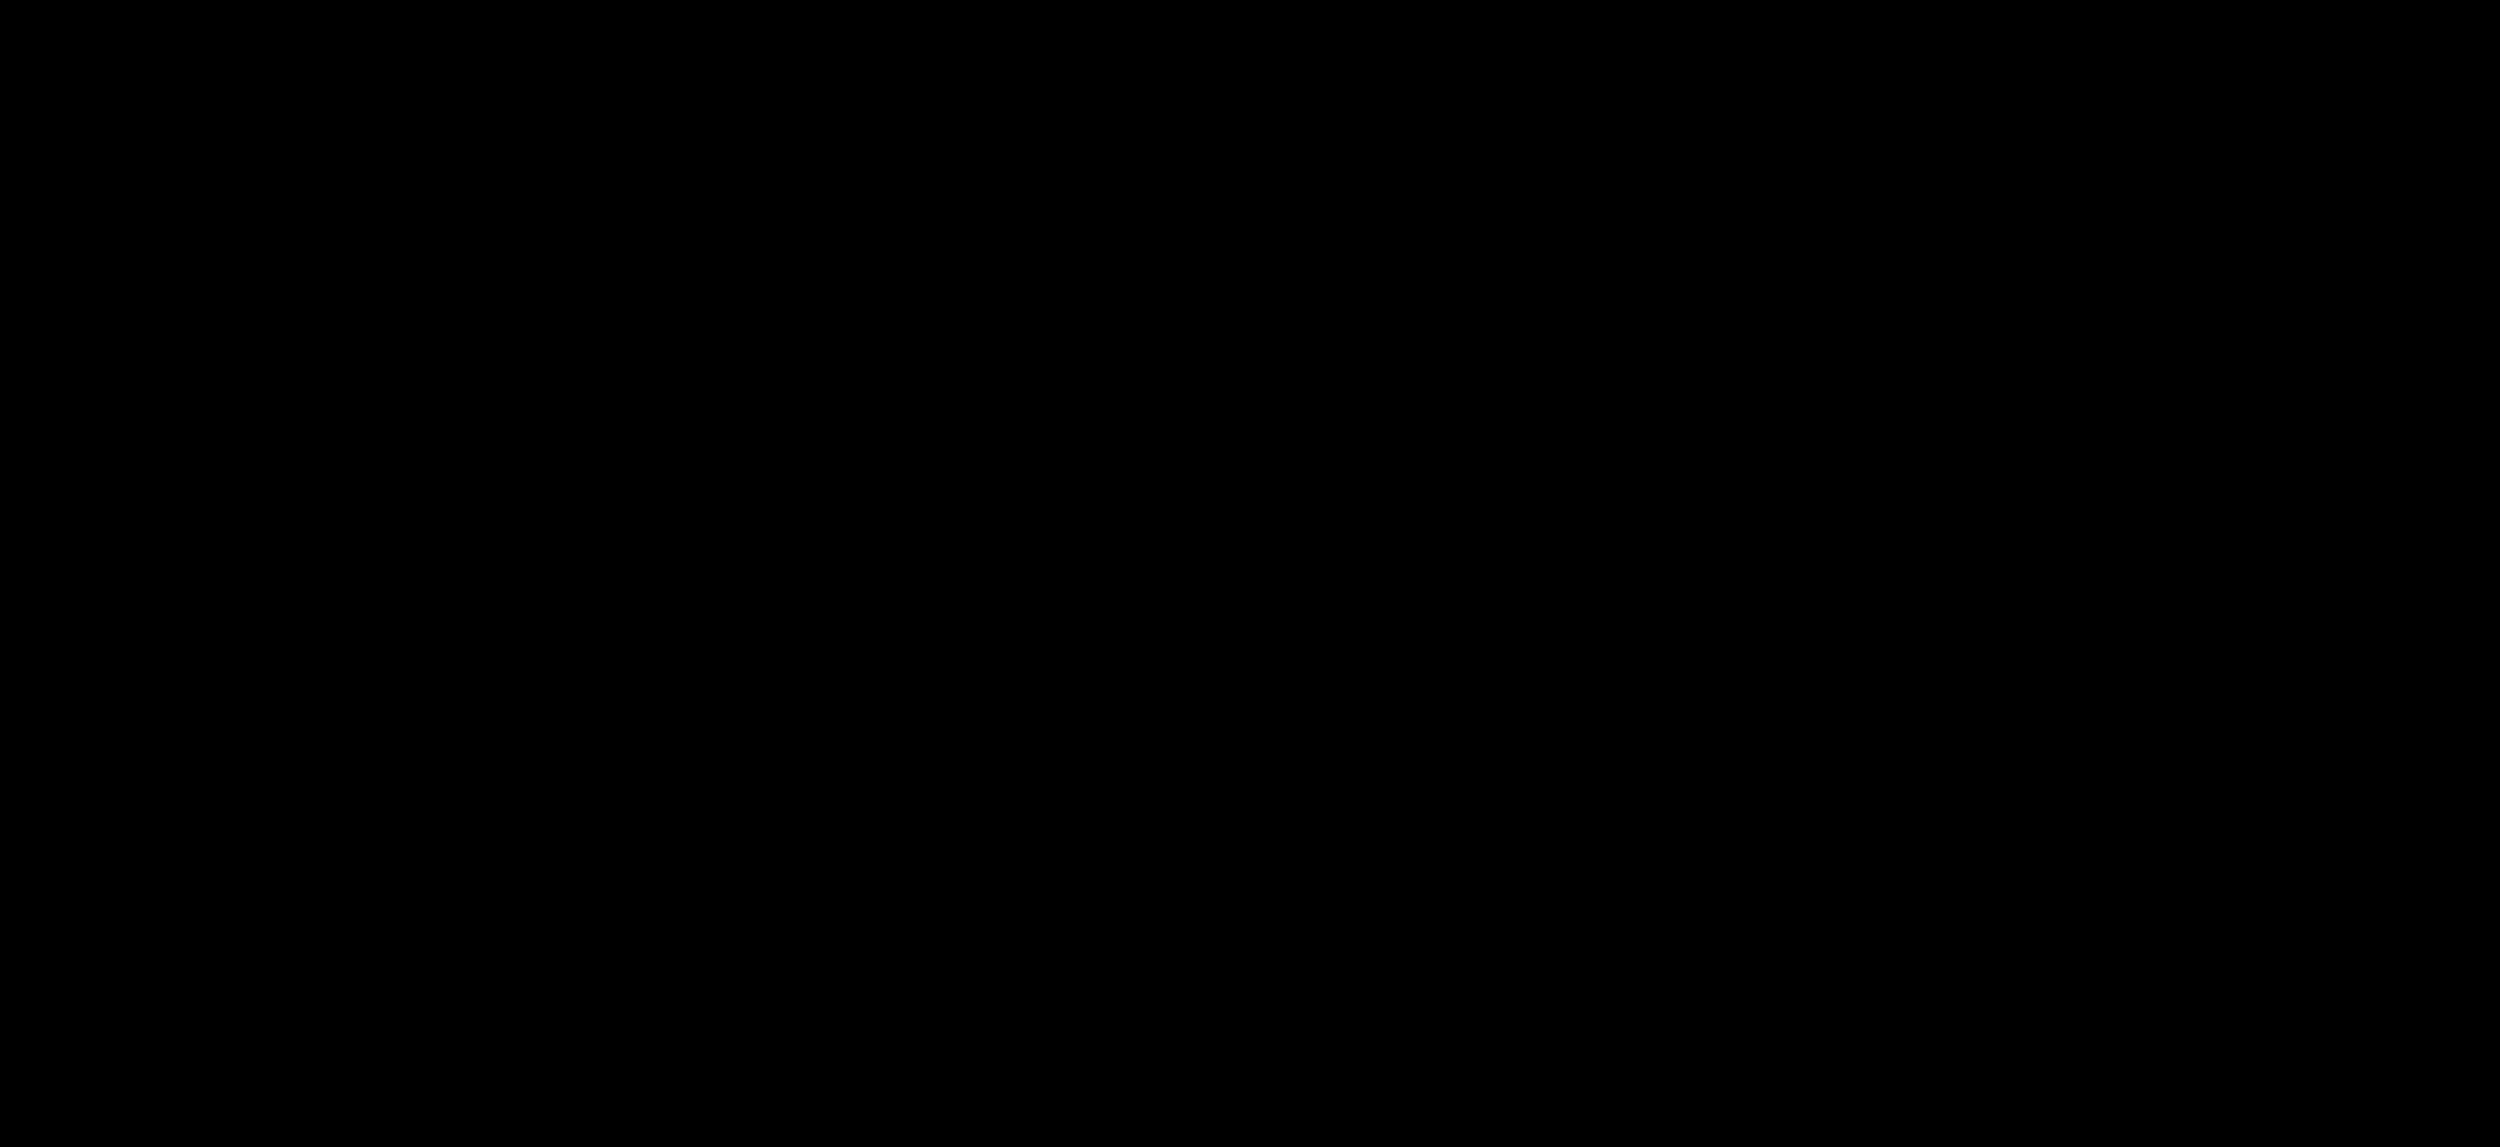 ROY_LogoWithTagline_Black.png